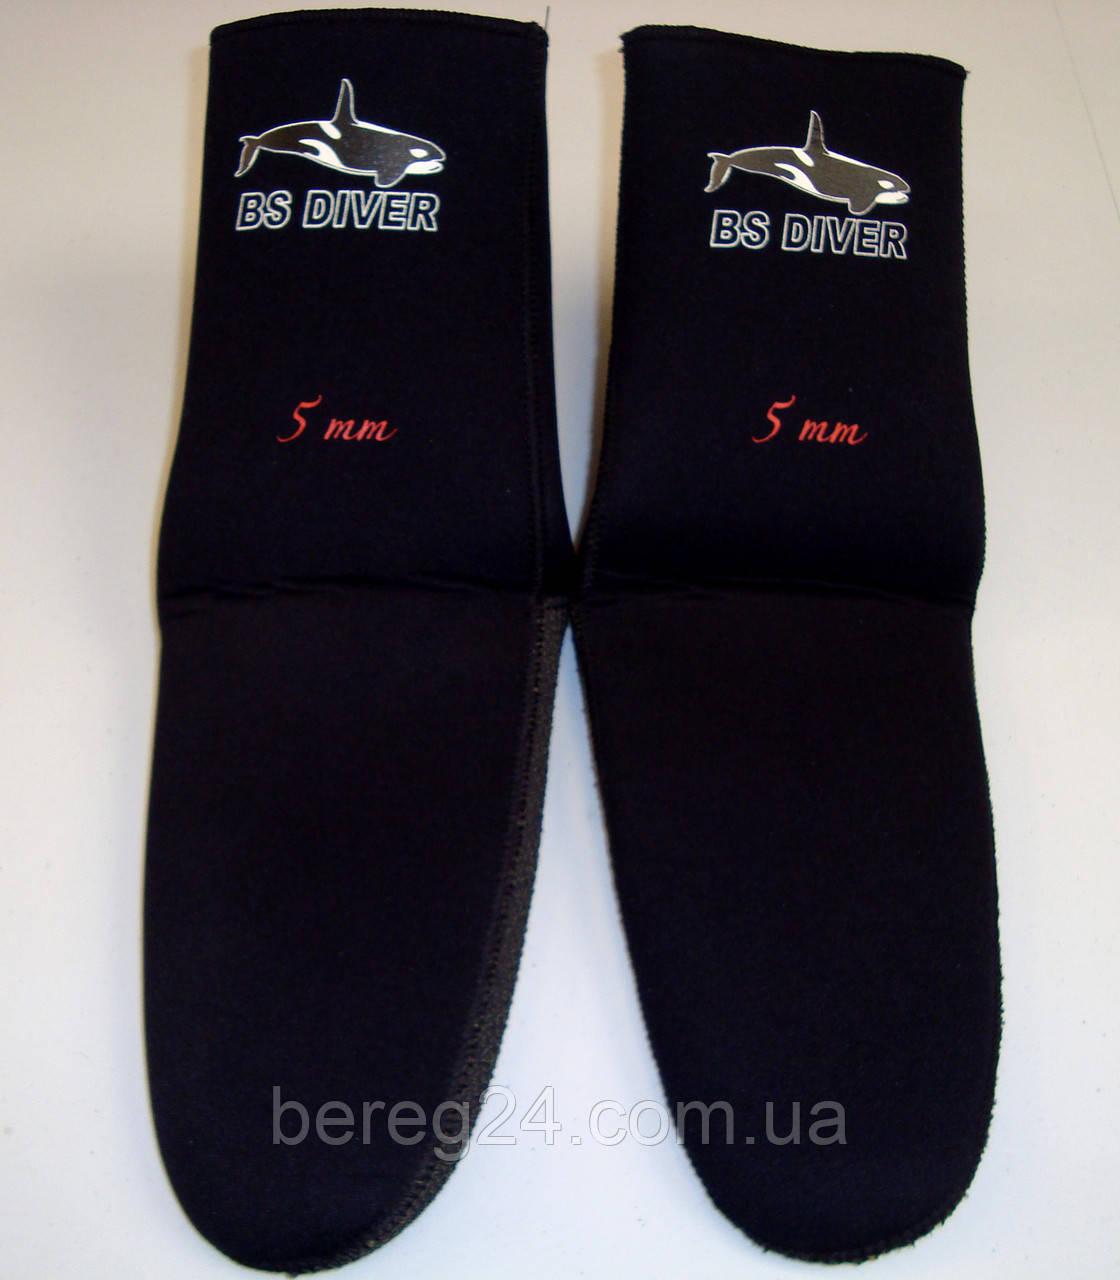 Носки для дайвинга и подводной охоты под боты BS Diver Professional Kevlar Черные 5 мм, размер М, кевлар